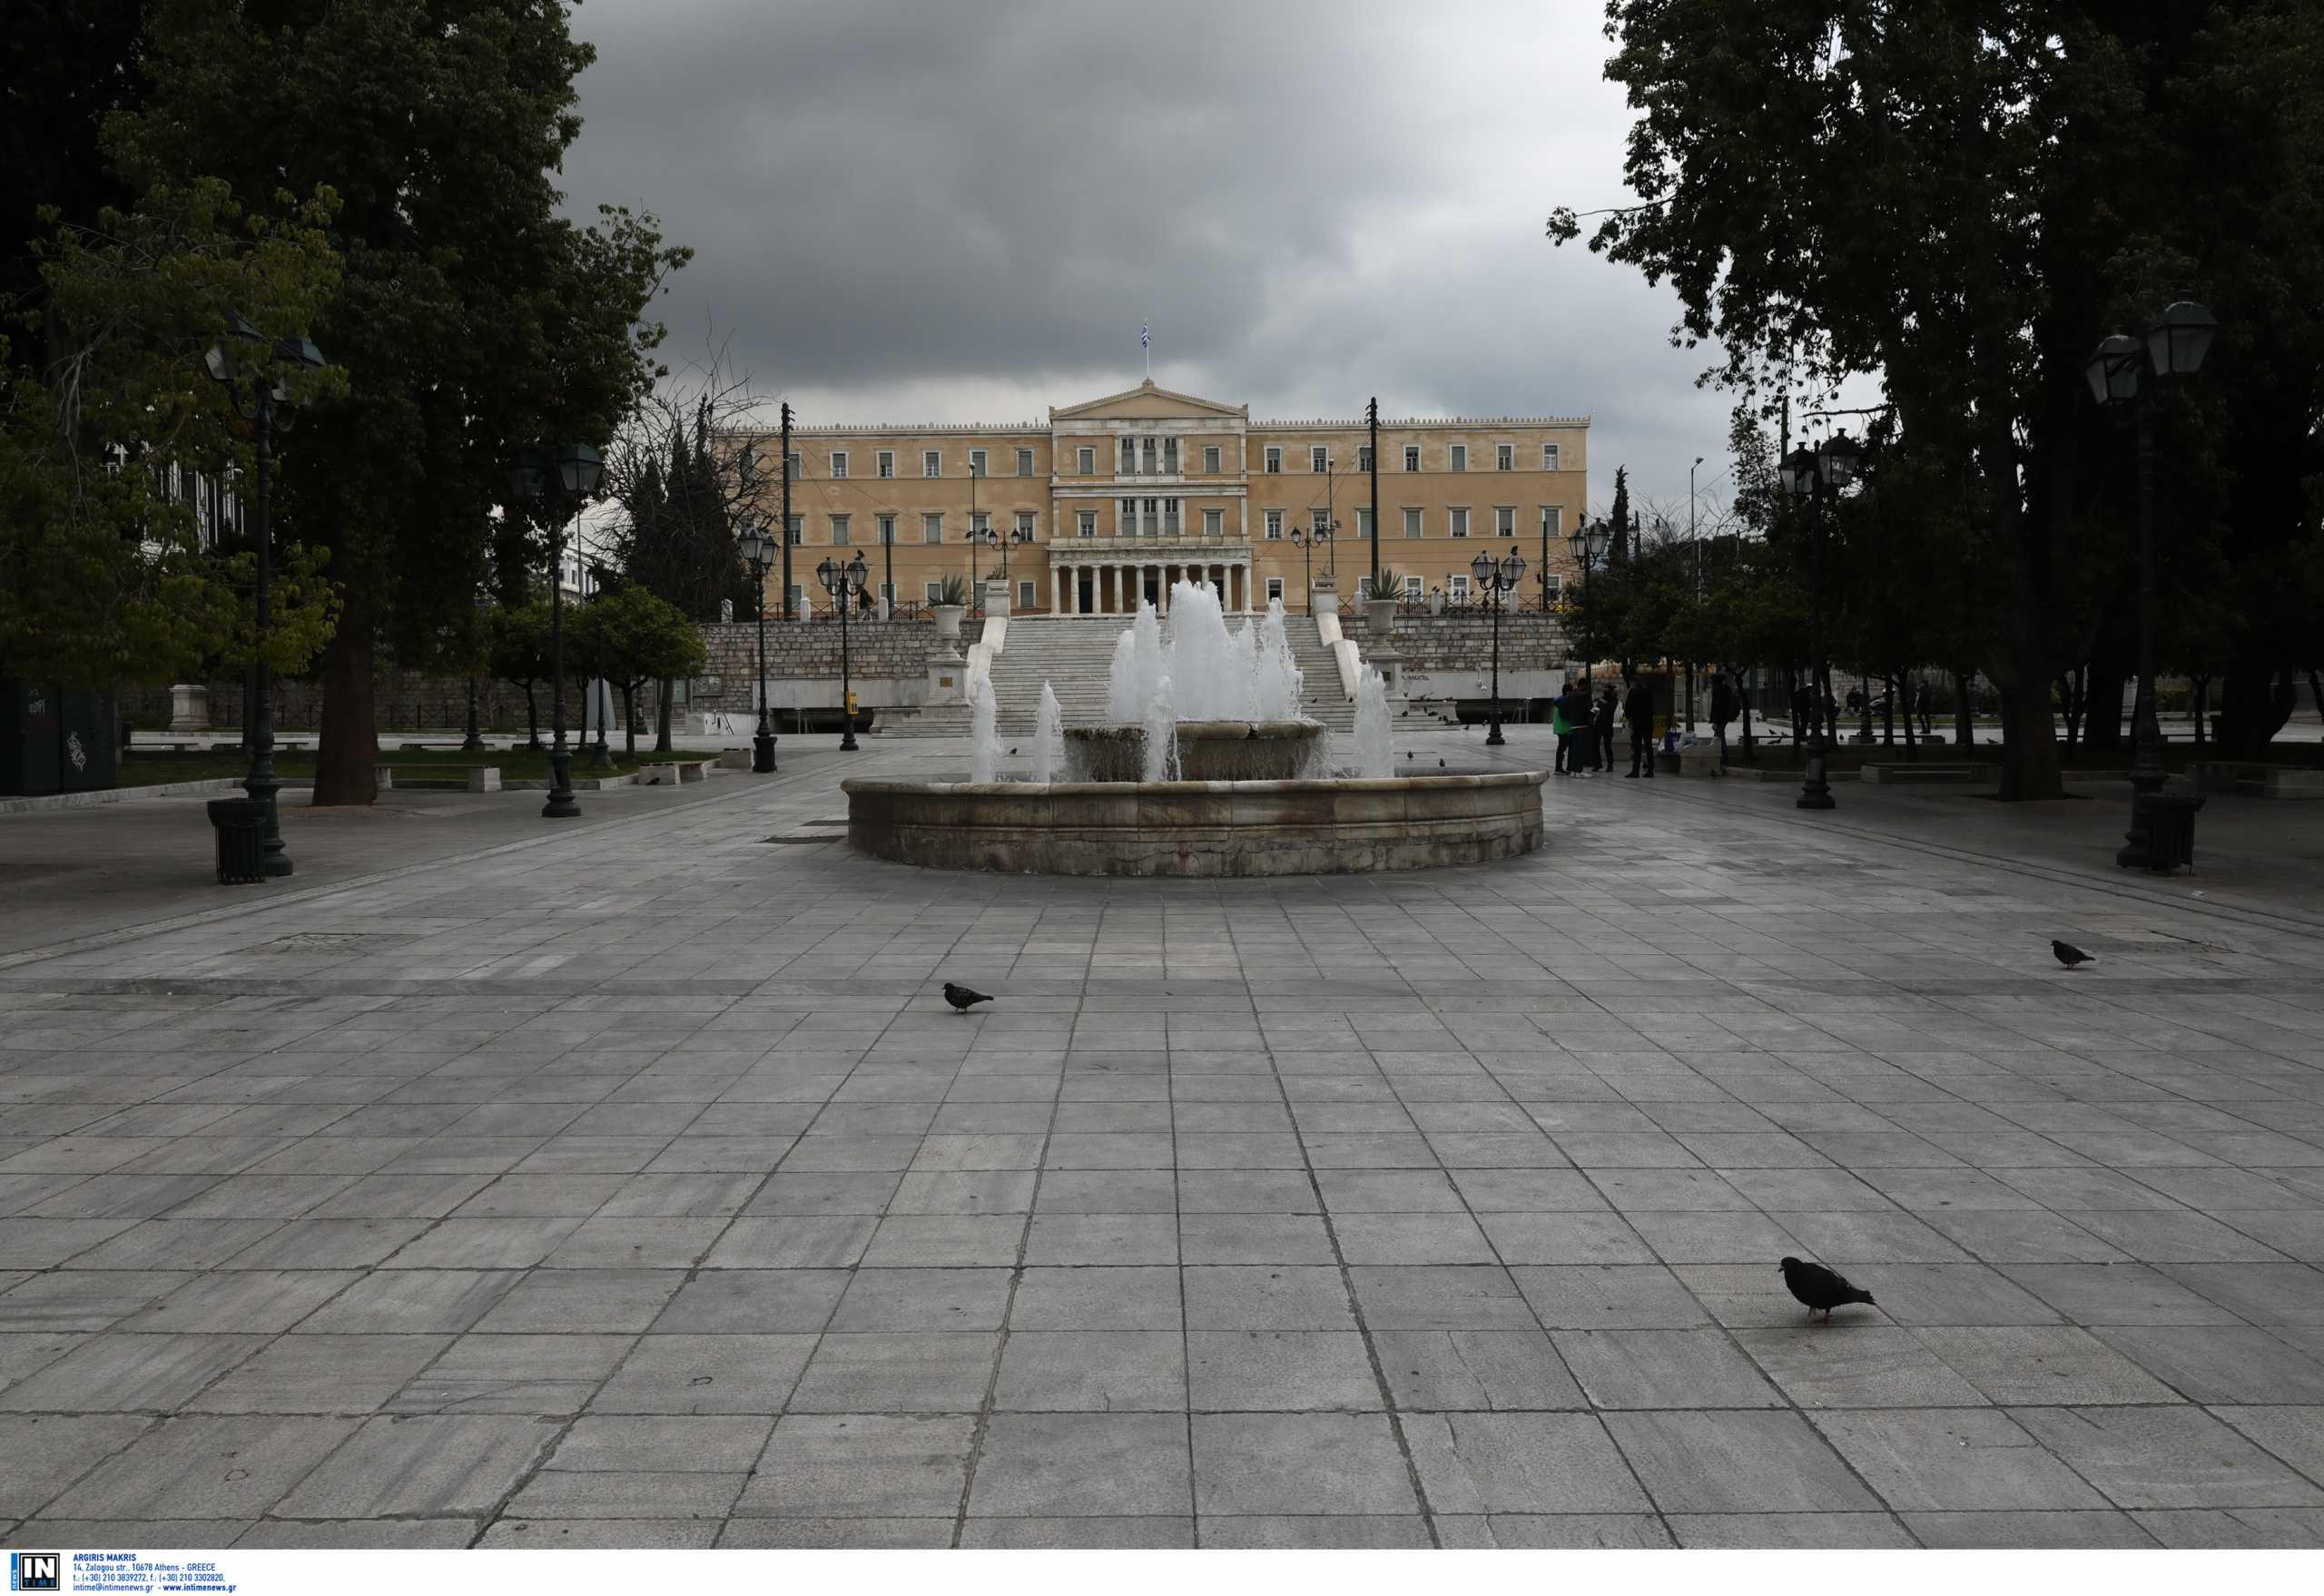 Ξεκινά η ανάπλαση της πλατείας Συντάγματος – Οι μεγάλες αλλαγές